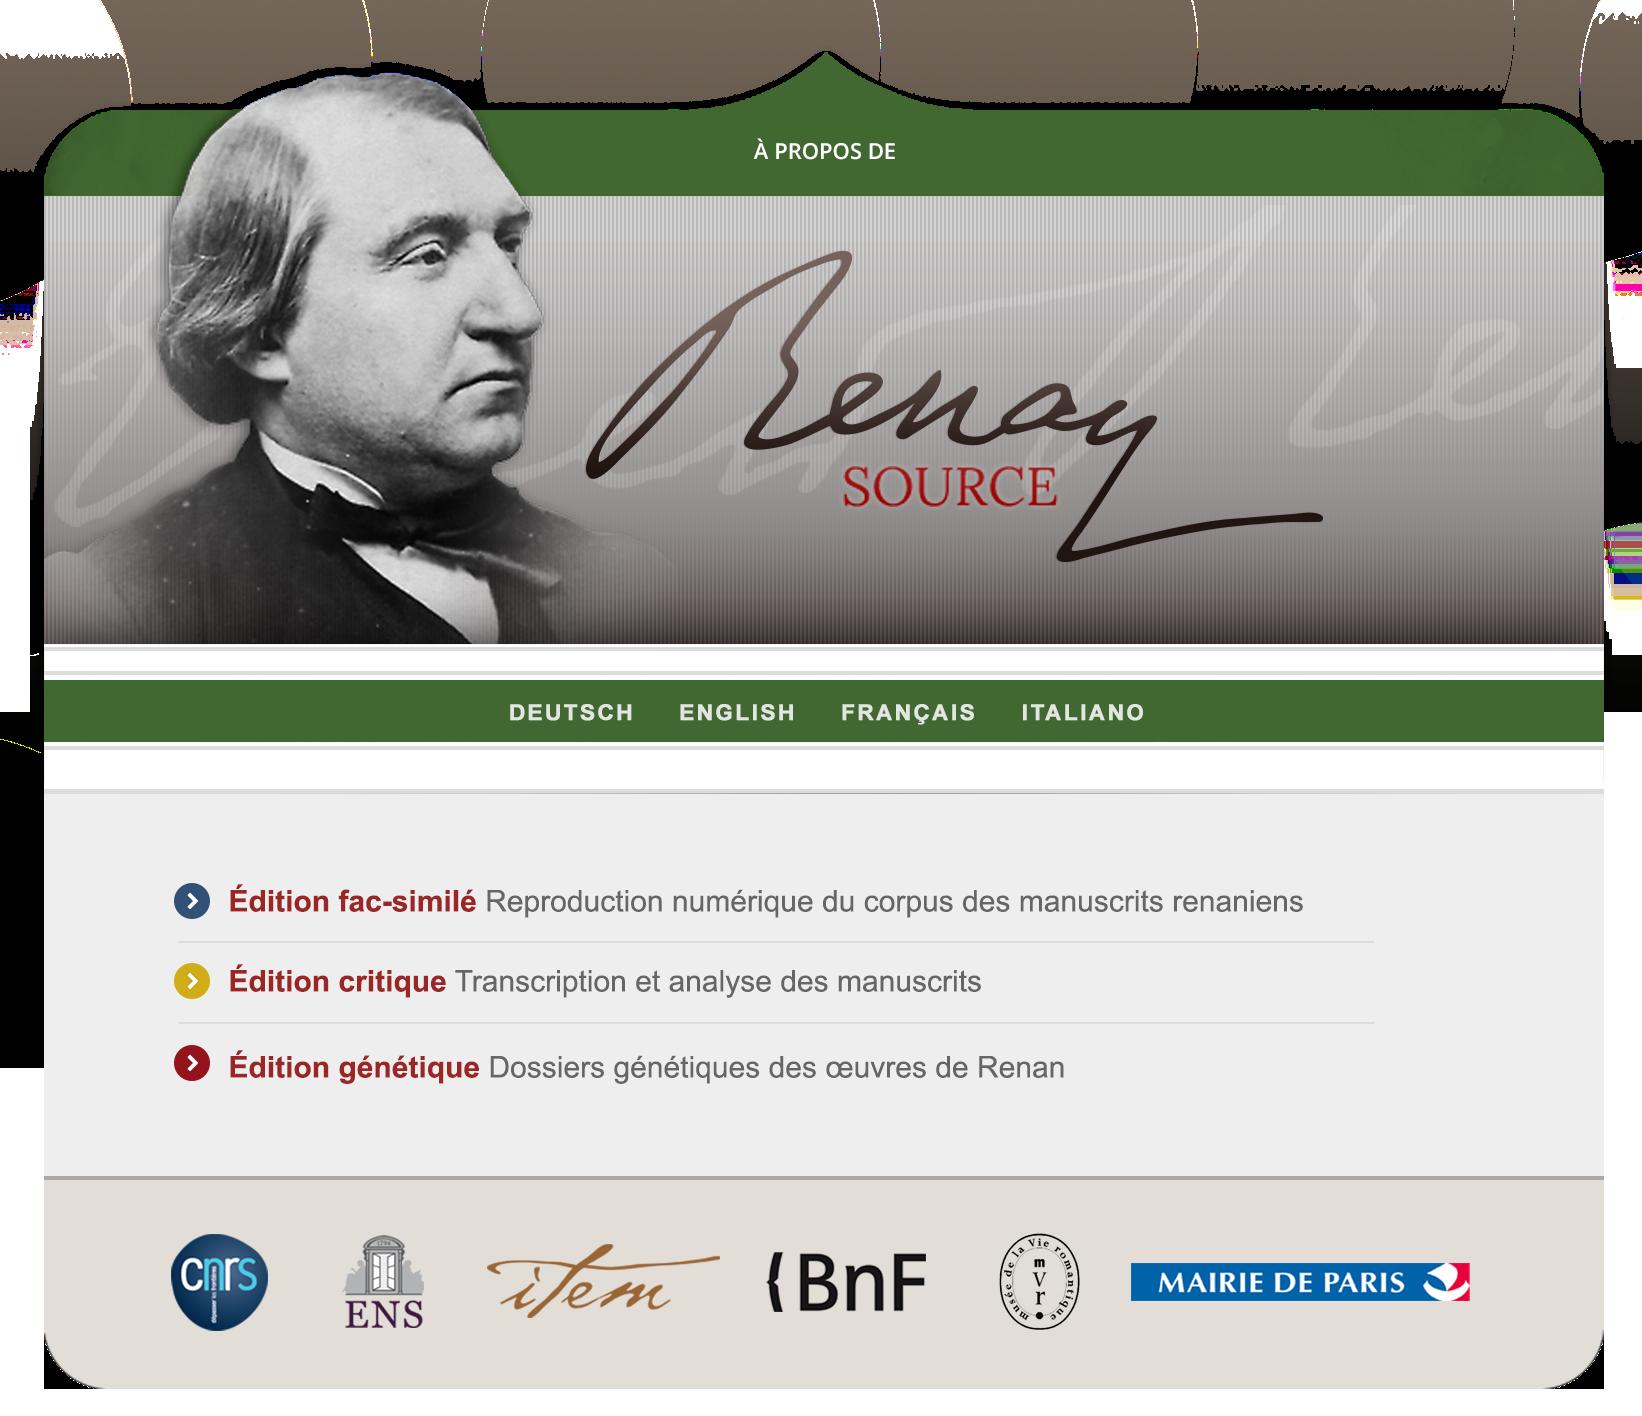 Projet « Renan Source ». Une édition numérique des manuscrits d'Ernest Renan